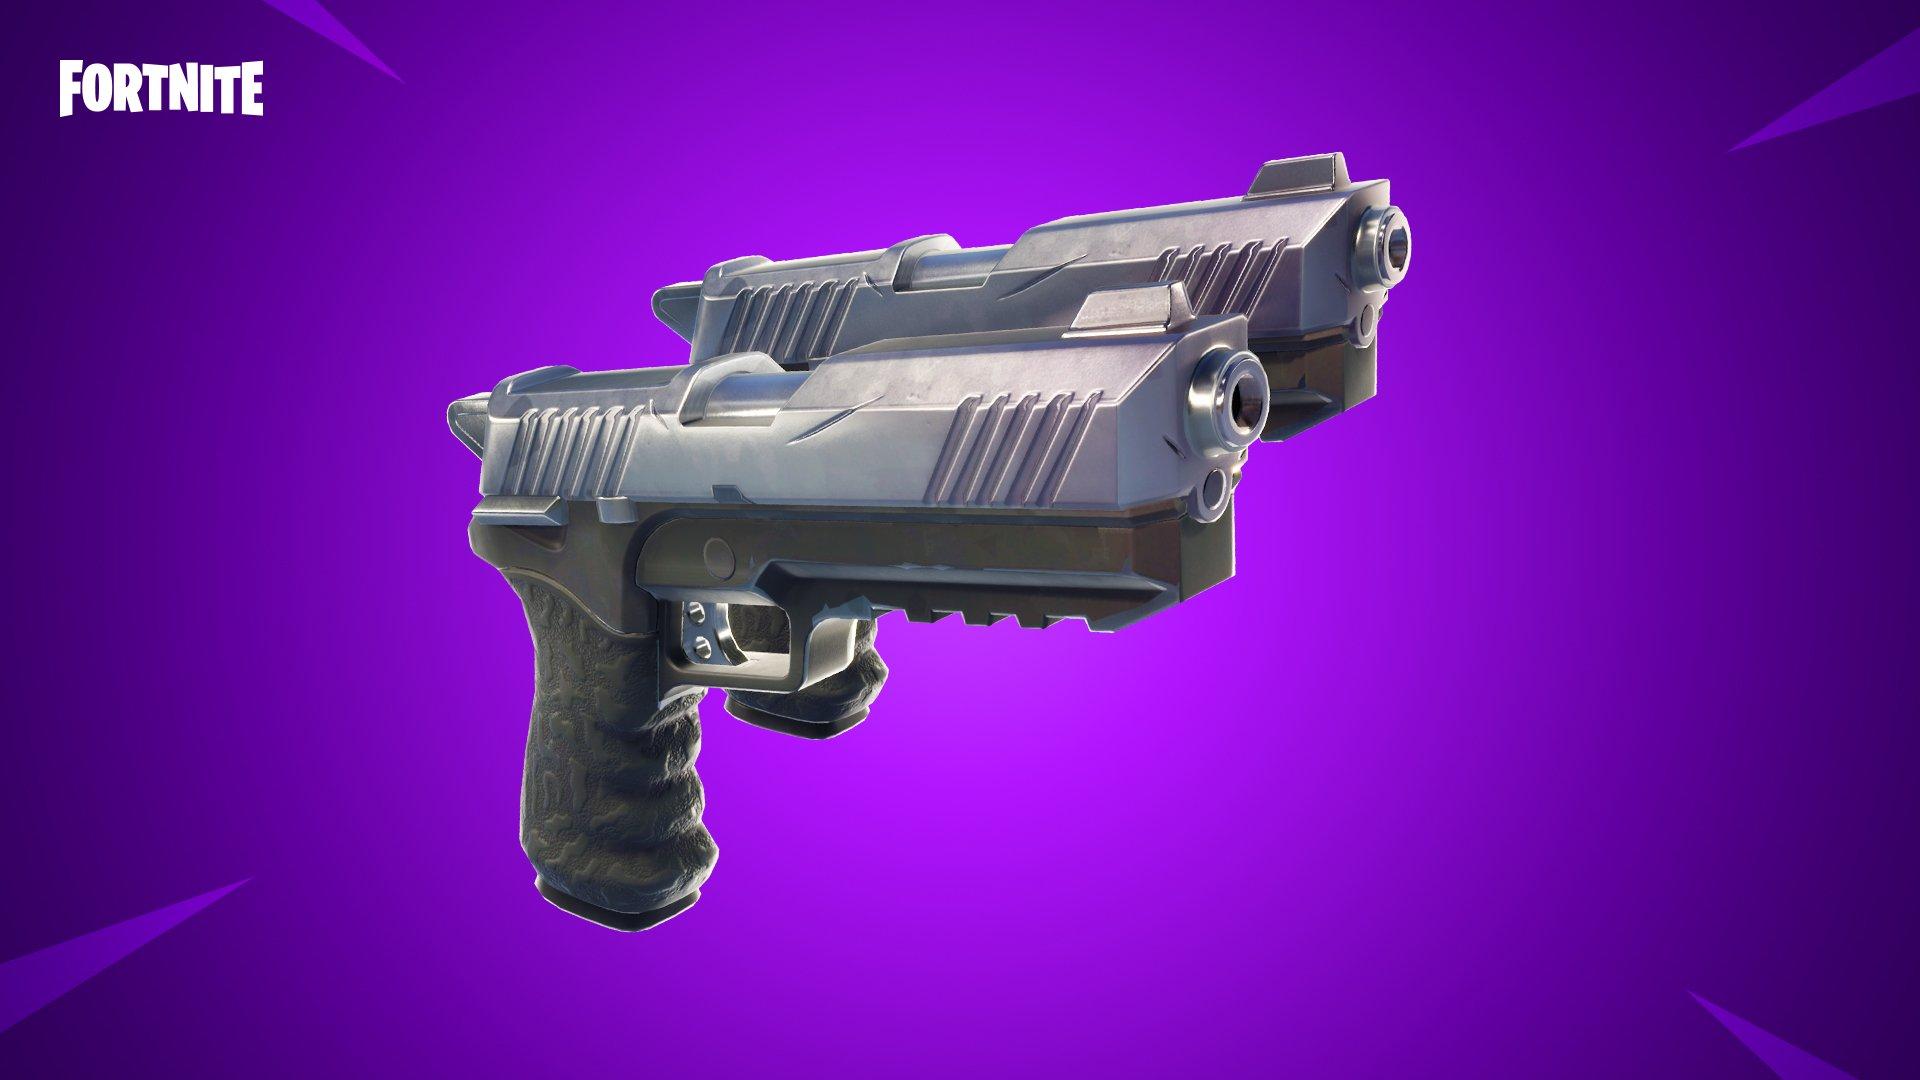 Les pistolets doubles entrent dans l'arène de Fortnite